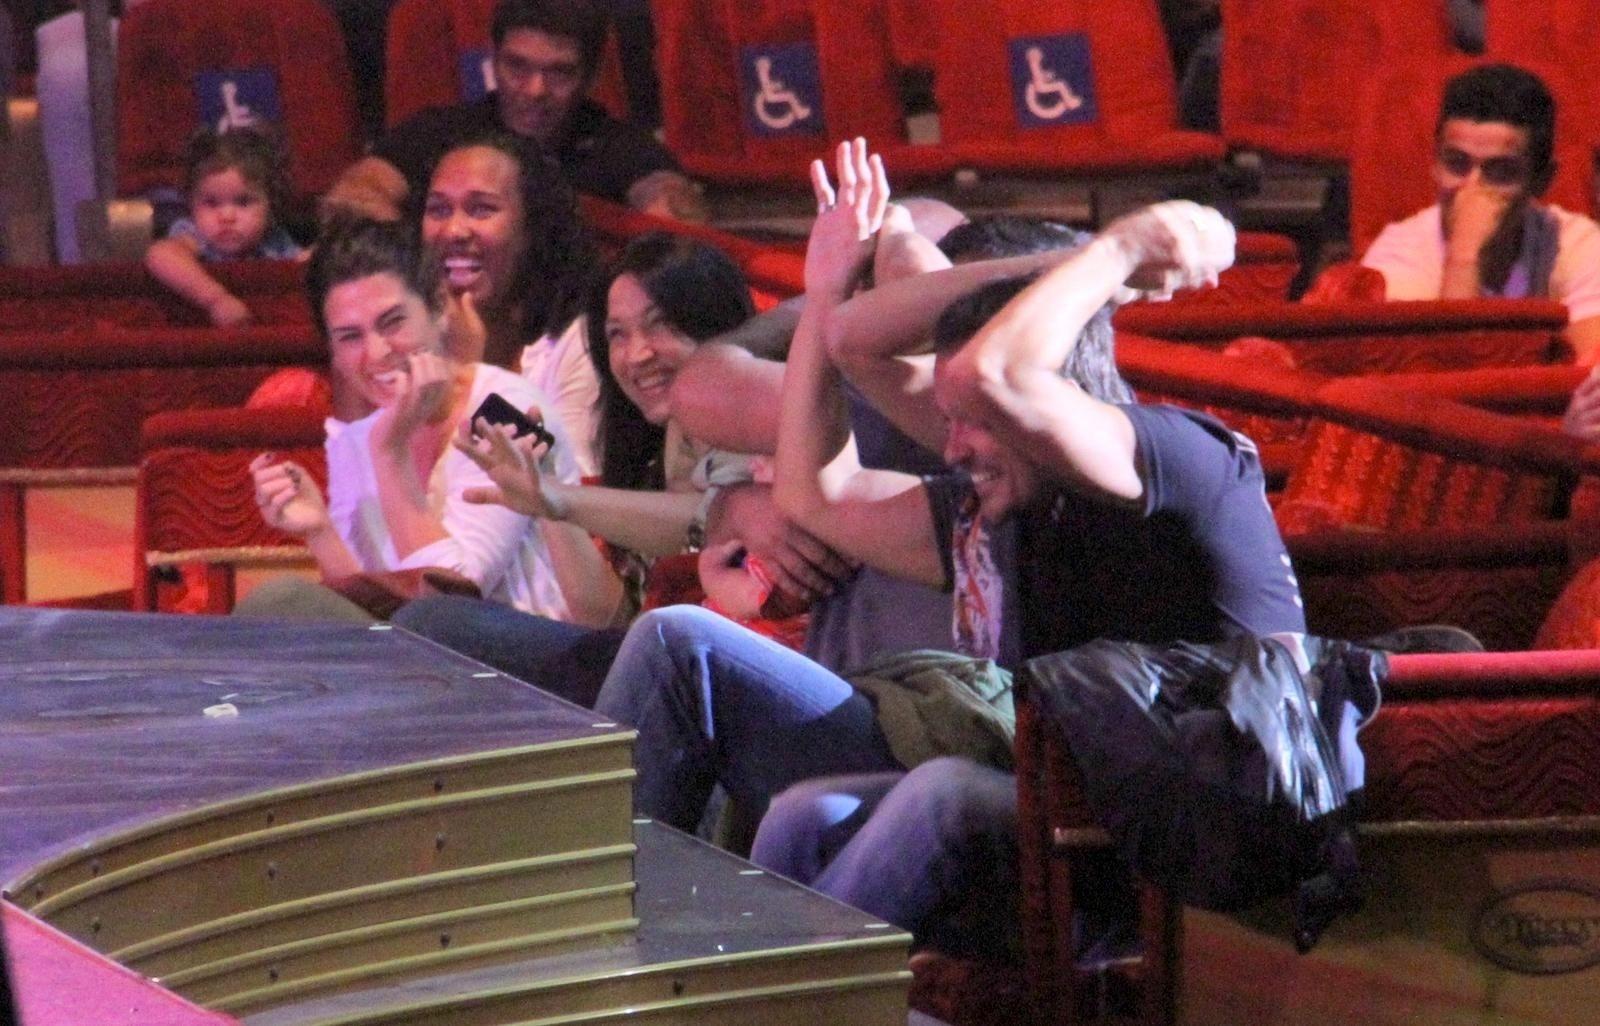 18.set.2013 - Fernanda Paes Leme, Paulinho Vilhena e amigos fazem uma guerra de macarrão com o palhaço Henry durante apresentação do circo Tihany, na Barra da Tijuca, no Rio